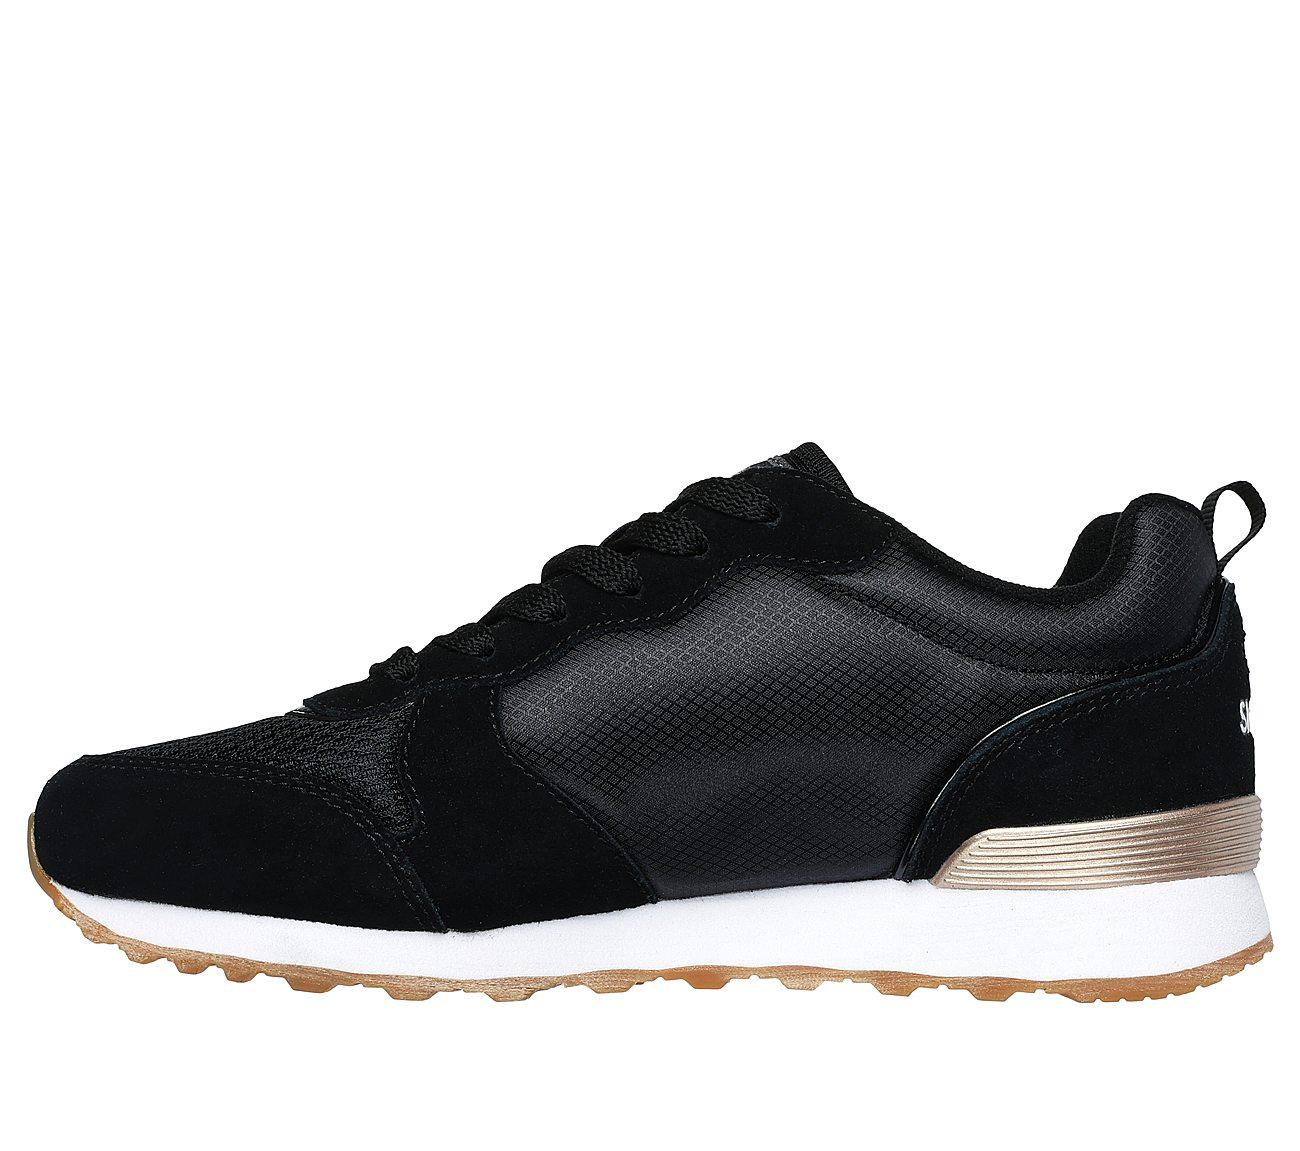 51f3c39a8b6 Buy SKECHERS OG 85 - Goldn Gurl Originals Shoes only 60